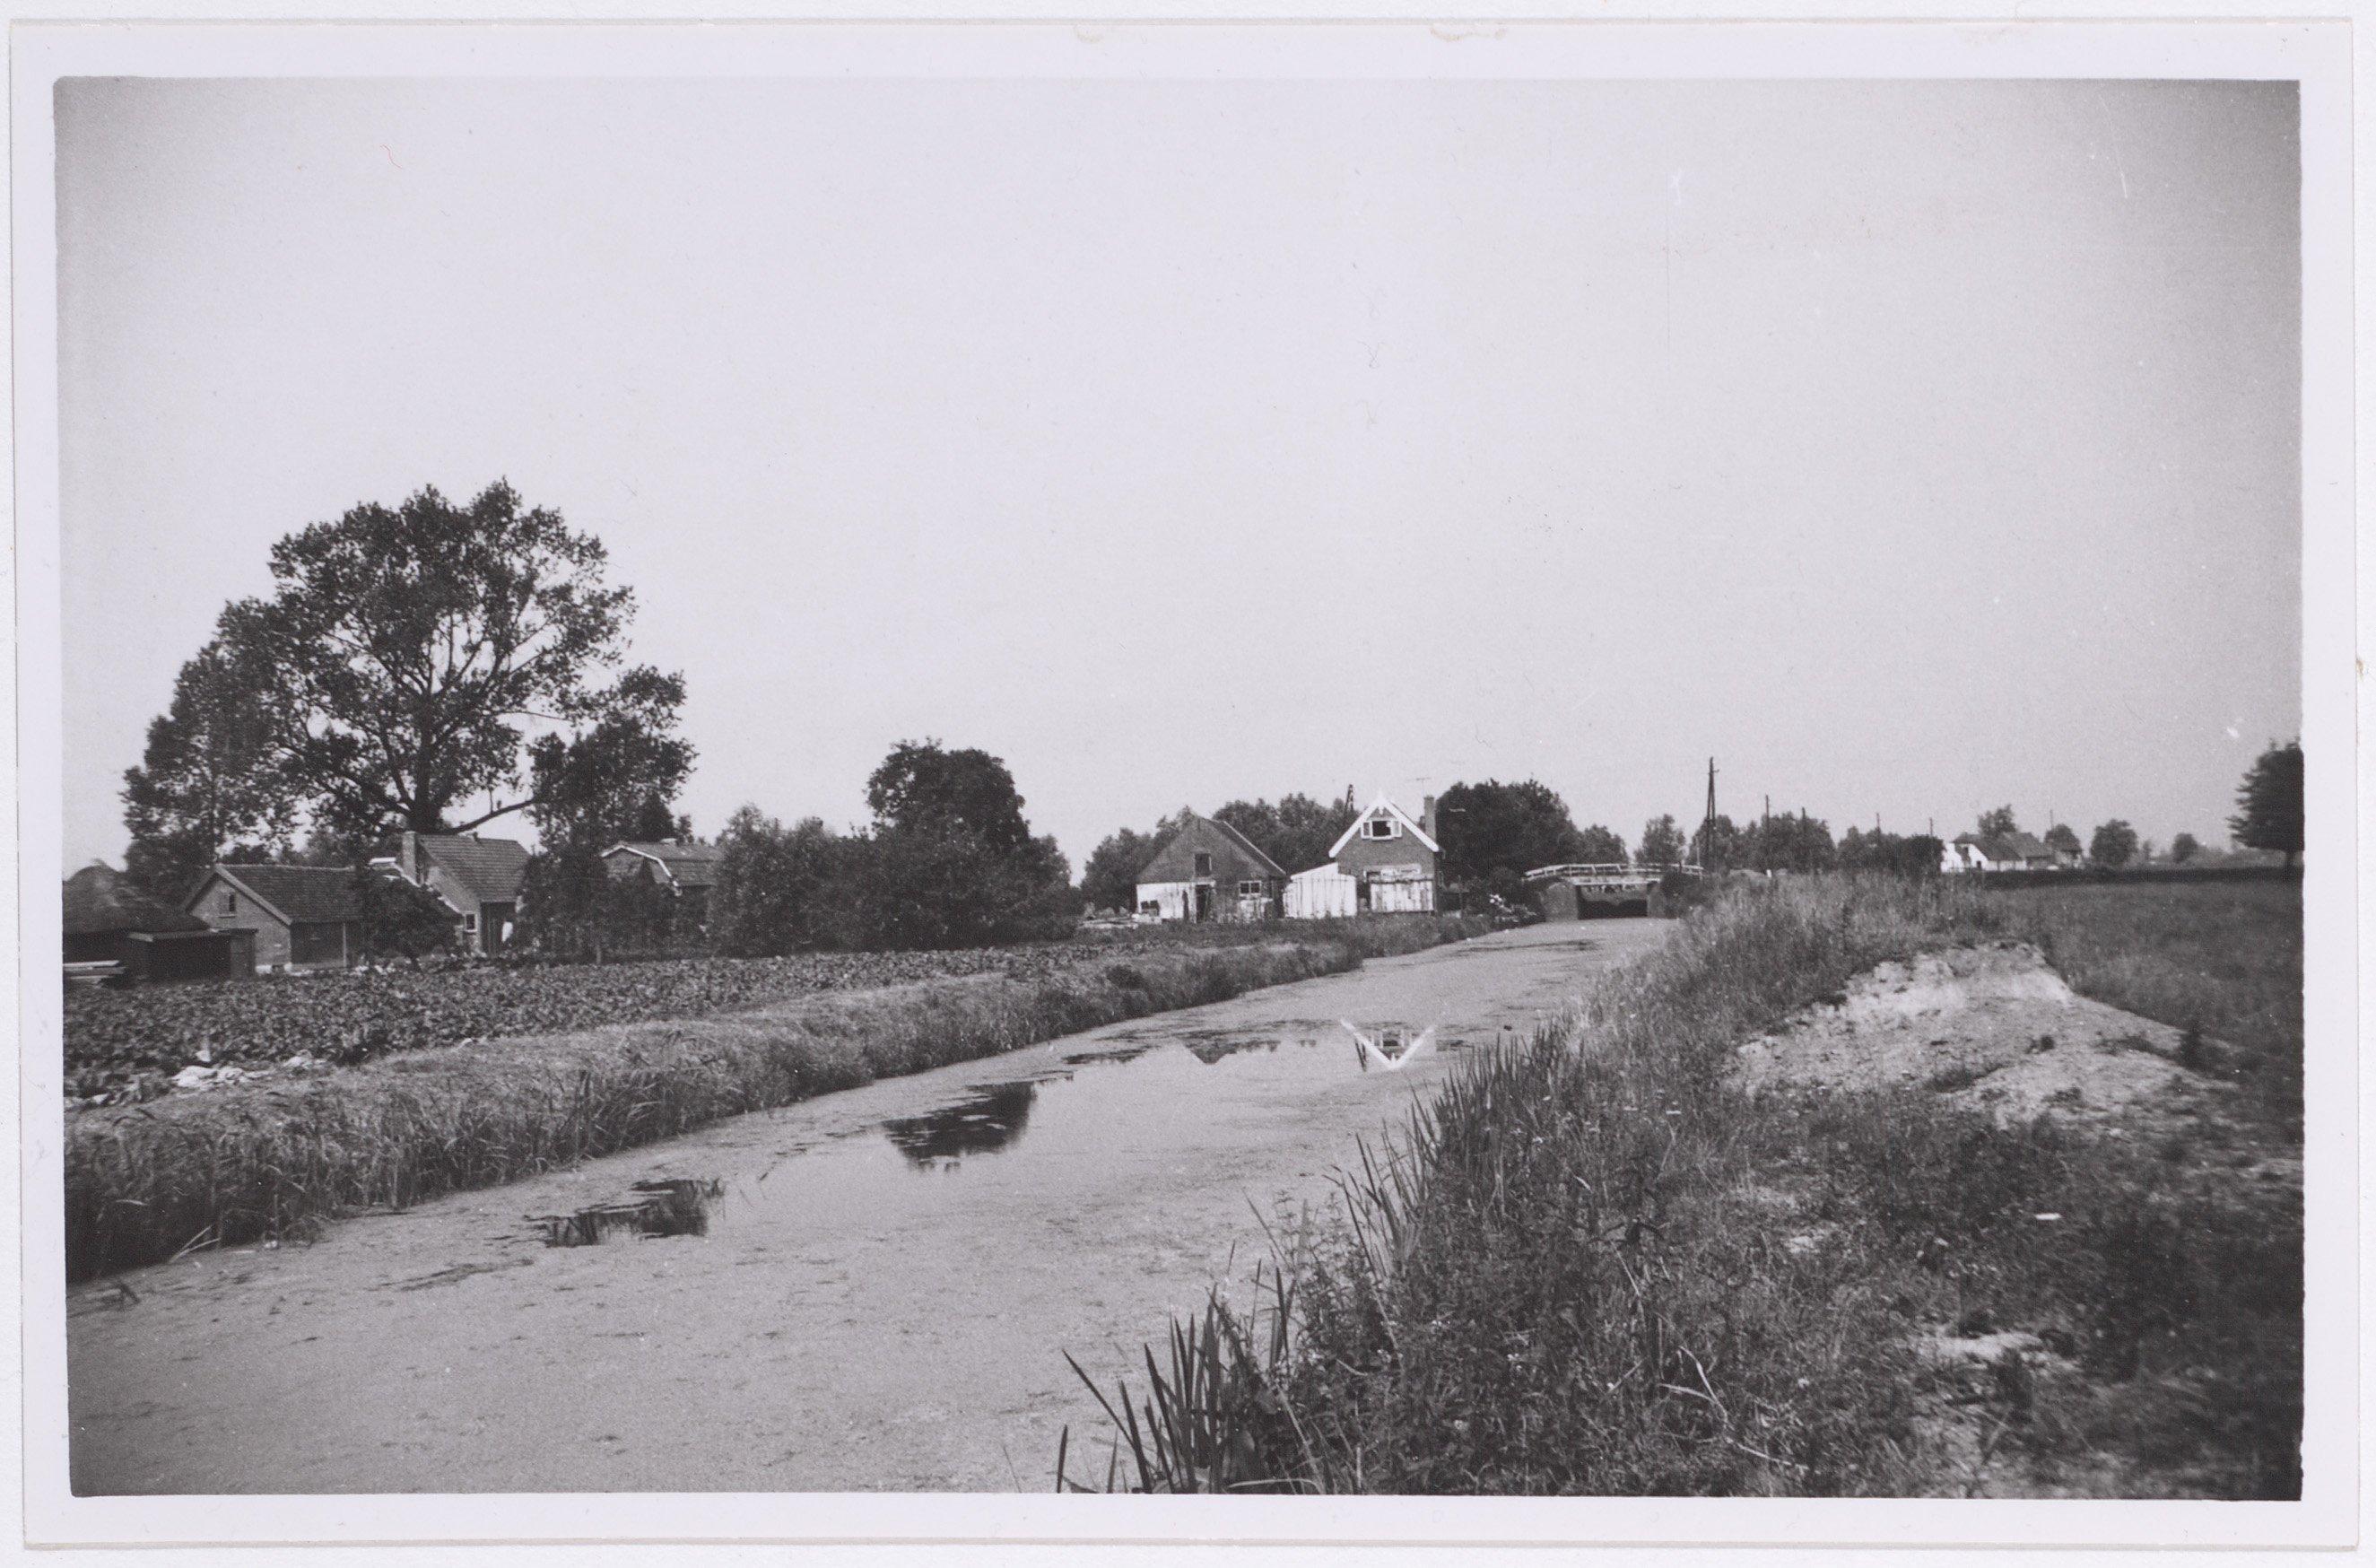 h0441 bijleveld bij kortjak voor demping in 1960